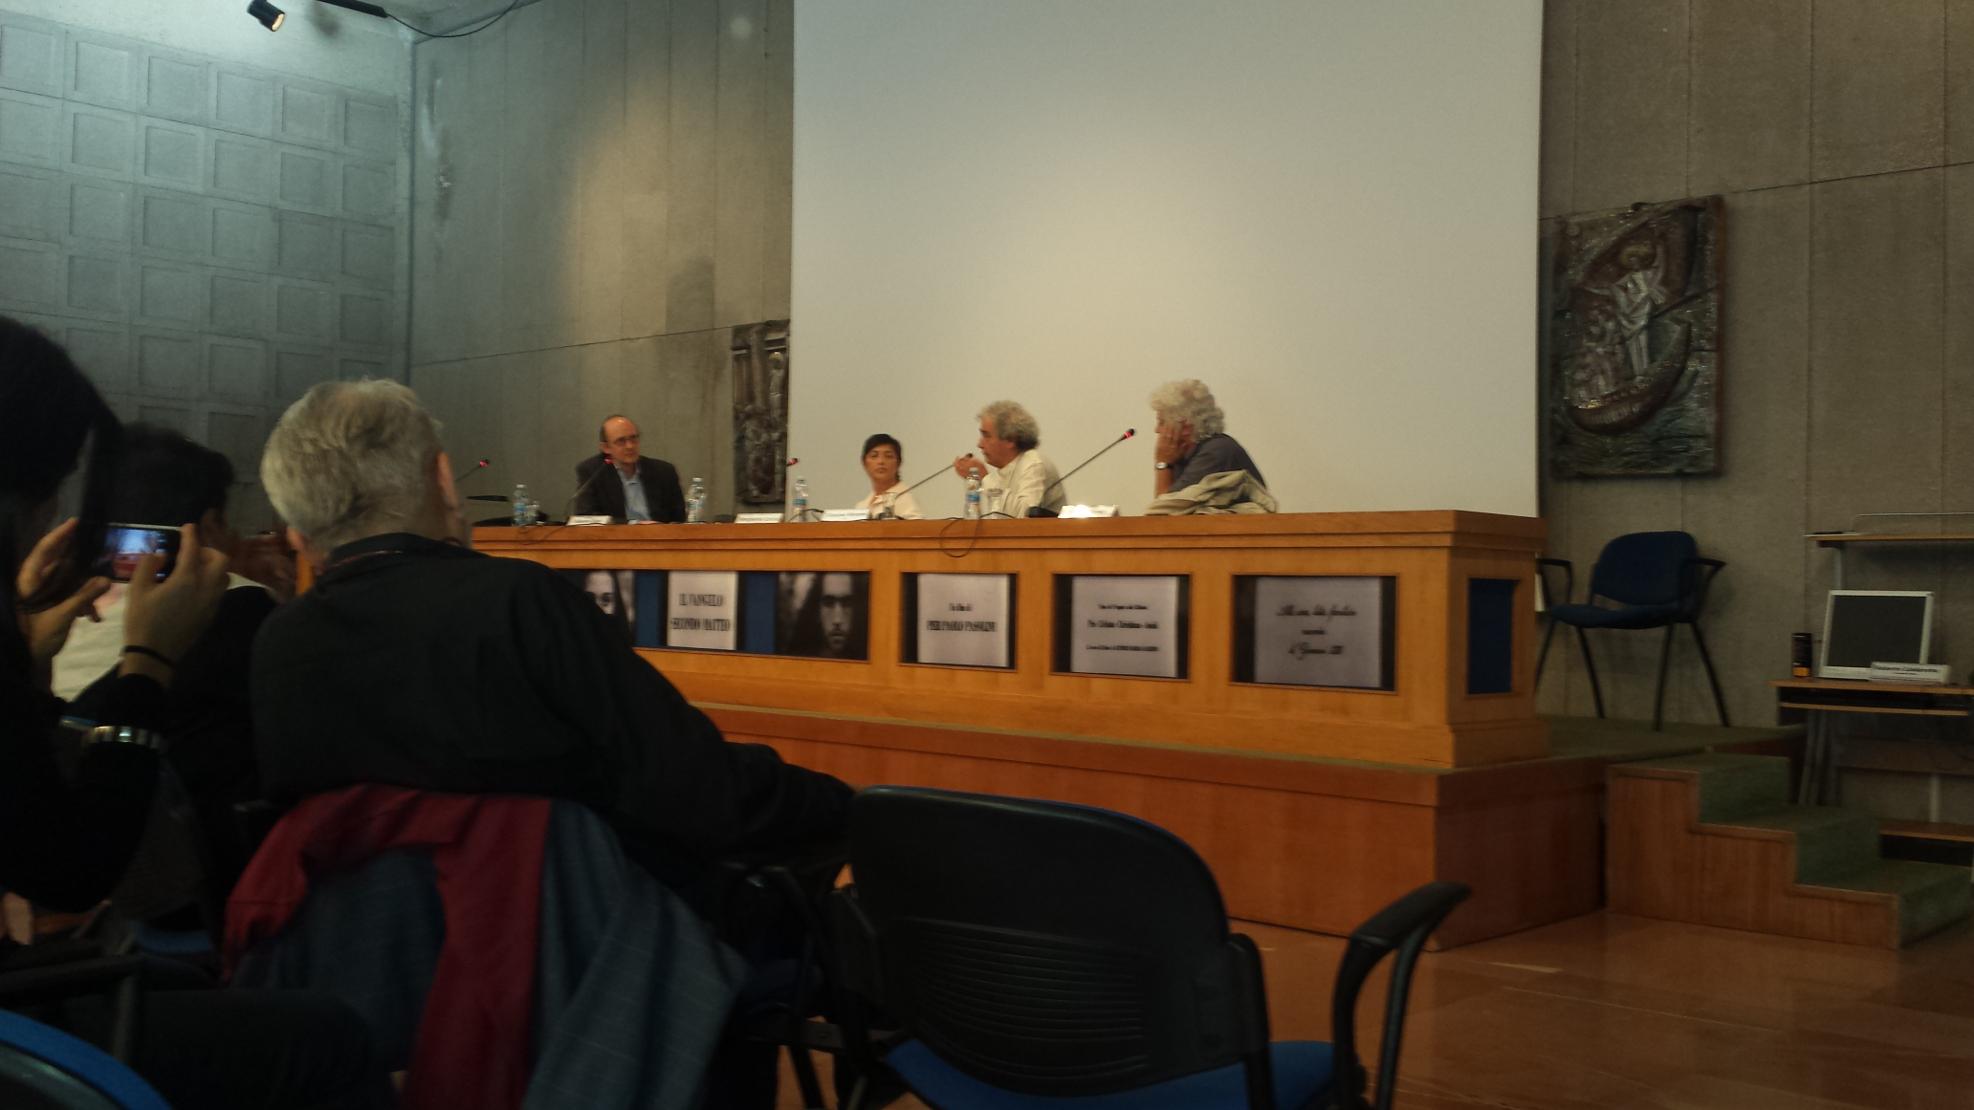 Convegno ad assisi sul vangelo di pasolini 26 27 - La tavola rotonda assisi ...